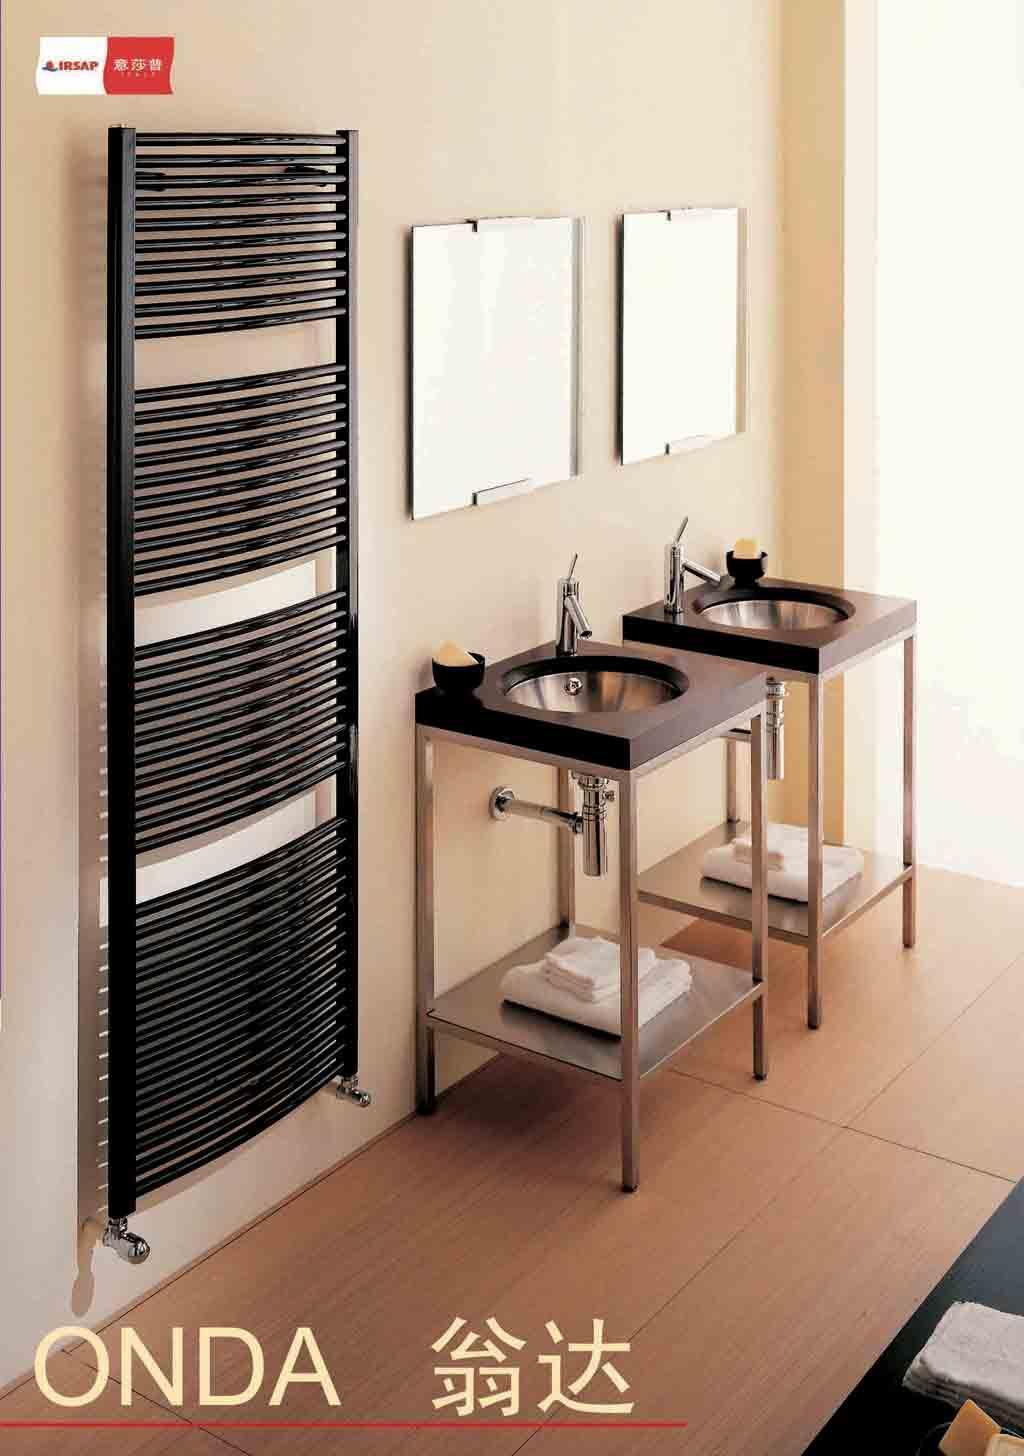 意莎普卫浴系列散热器翁达.OD710OD710